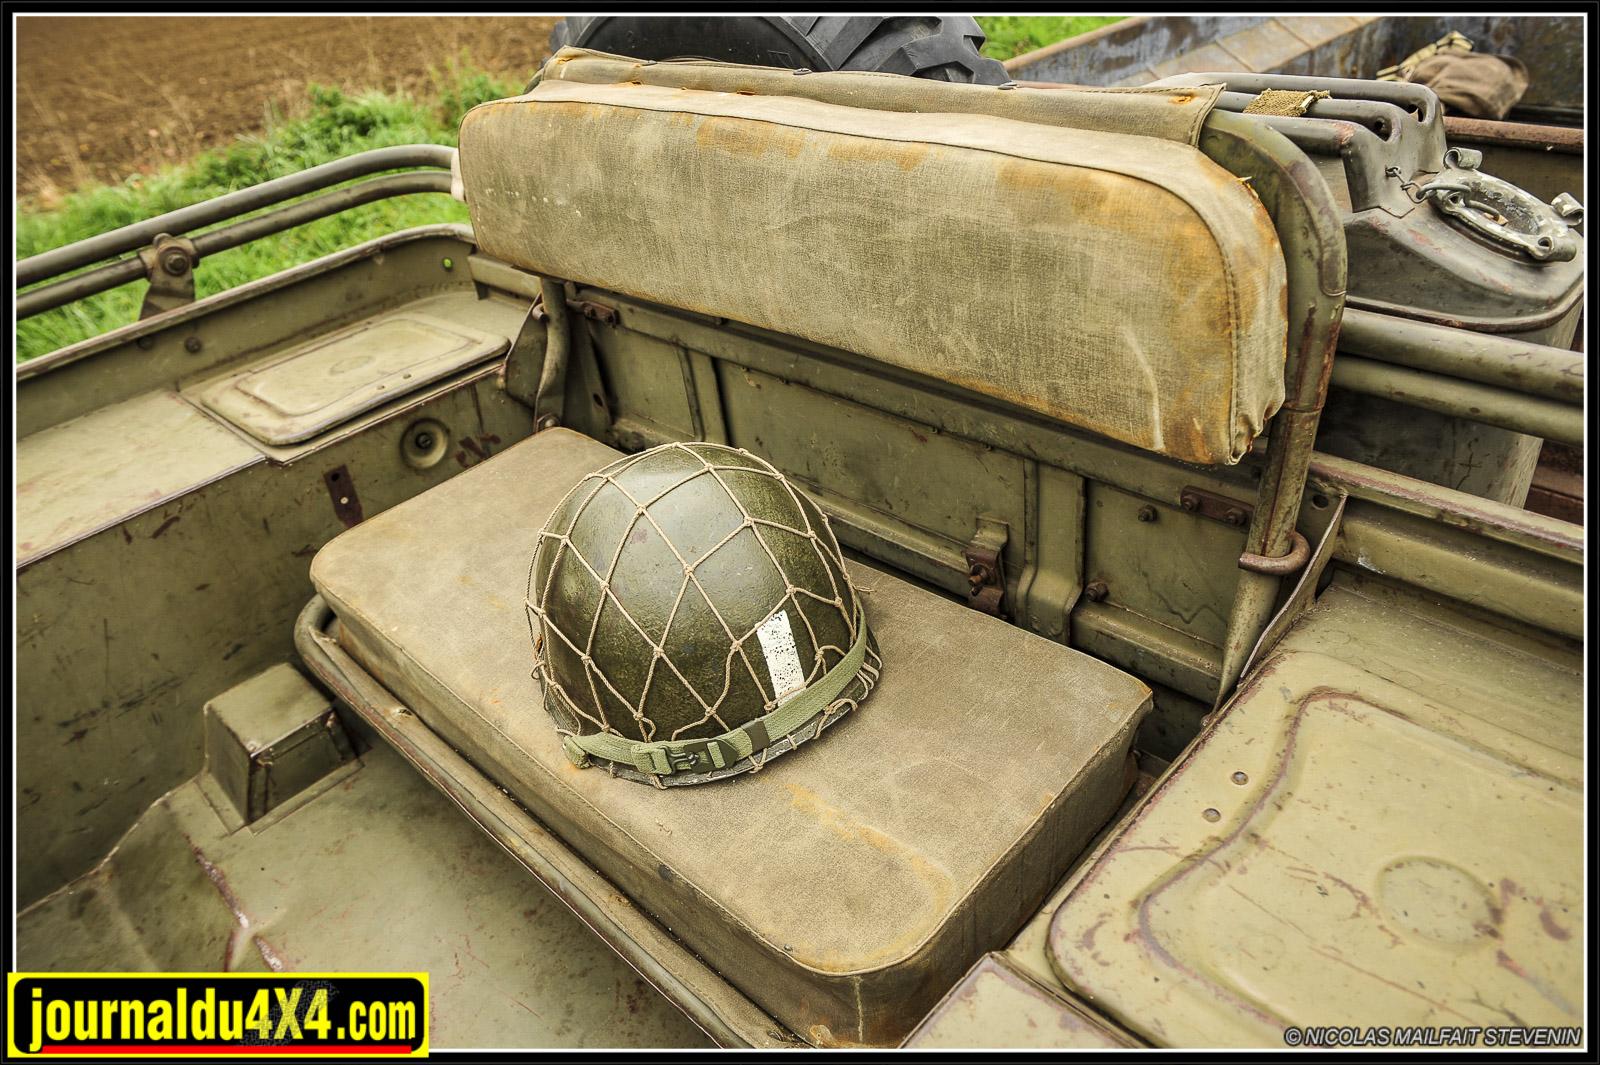 La banquette arrière abrite la pompe à air et le dossier est siglé Ford.